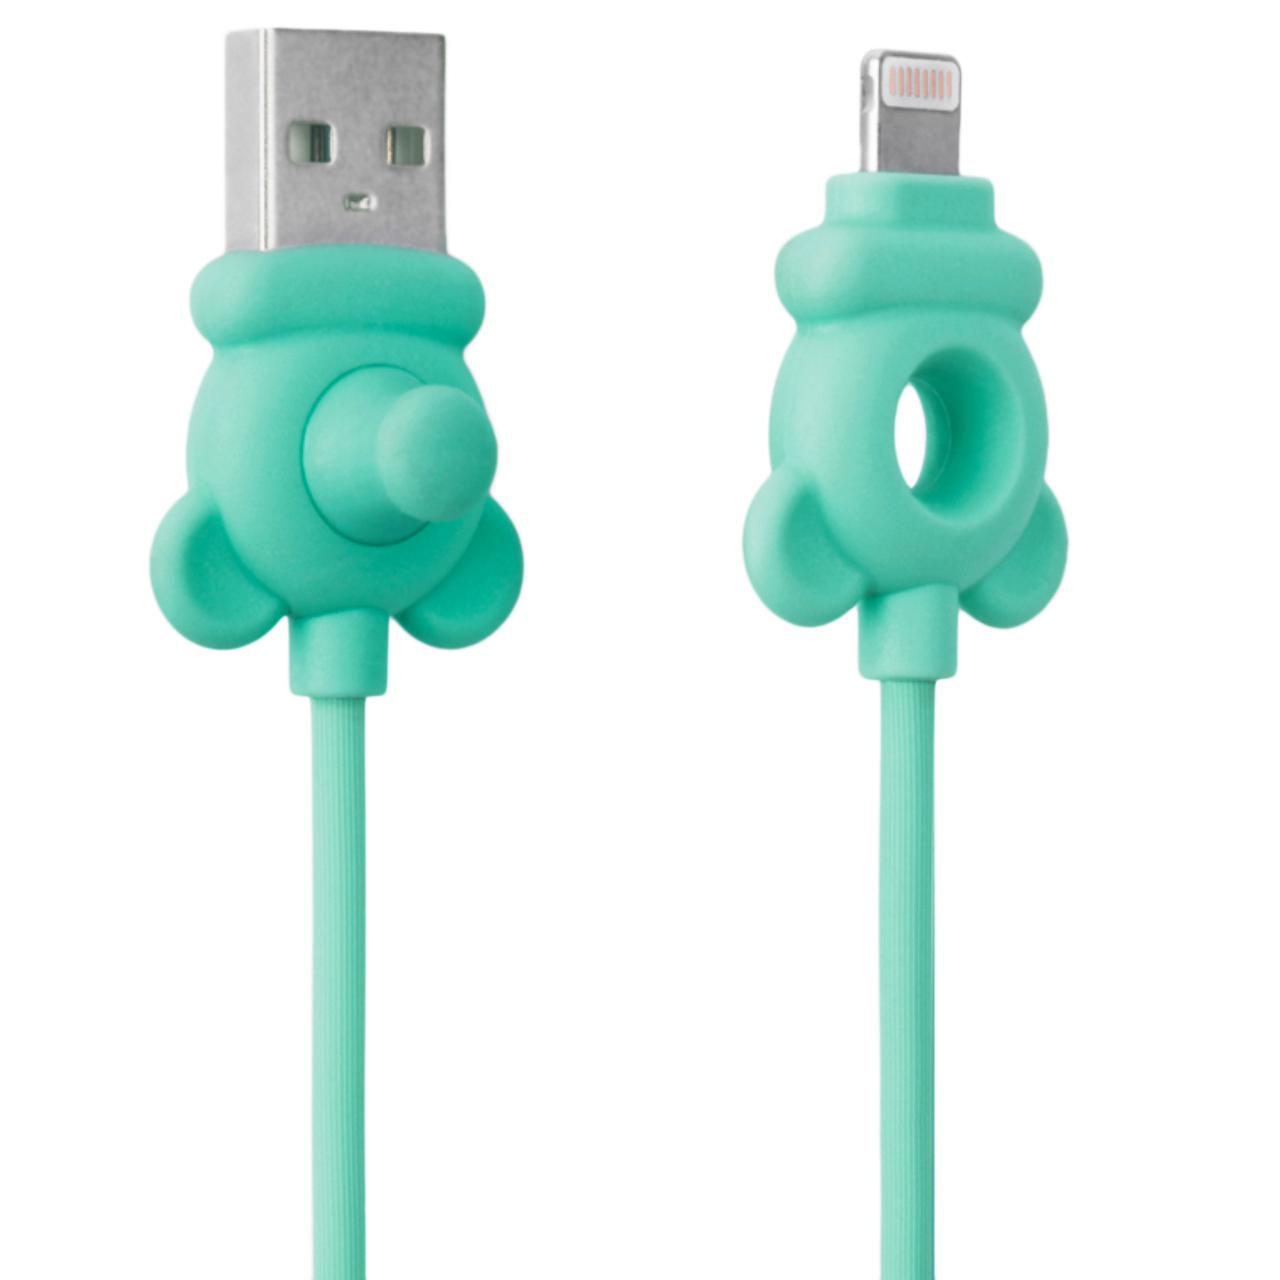 کابل تبديل USB به لايتنينگ رسي مدل RCL-I100 Miki طول 1 متر